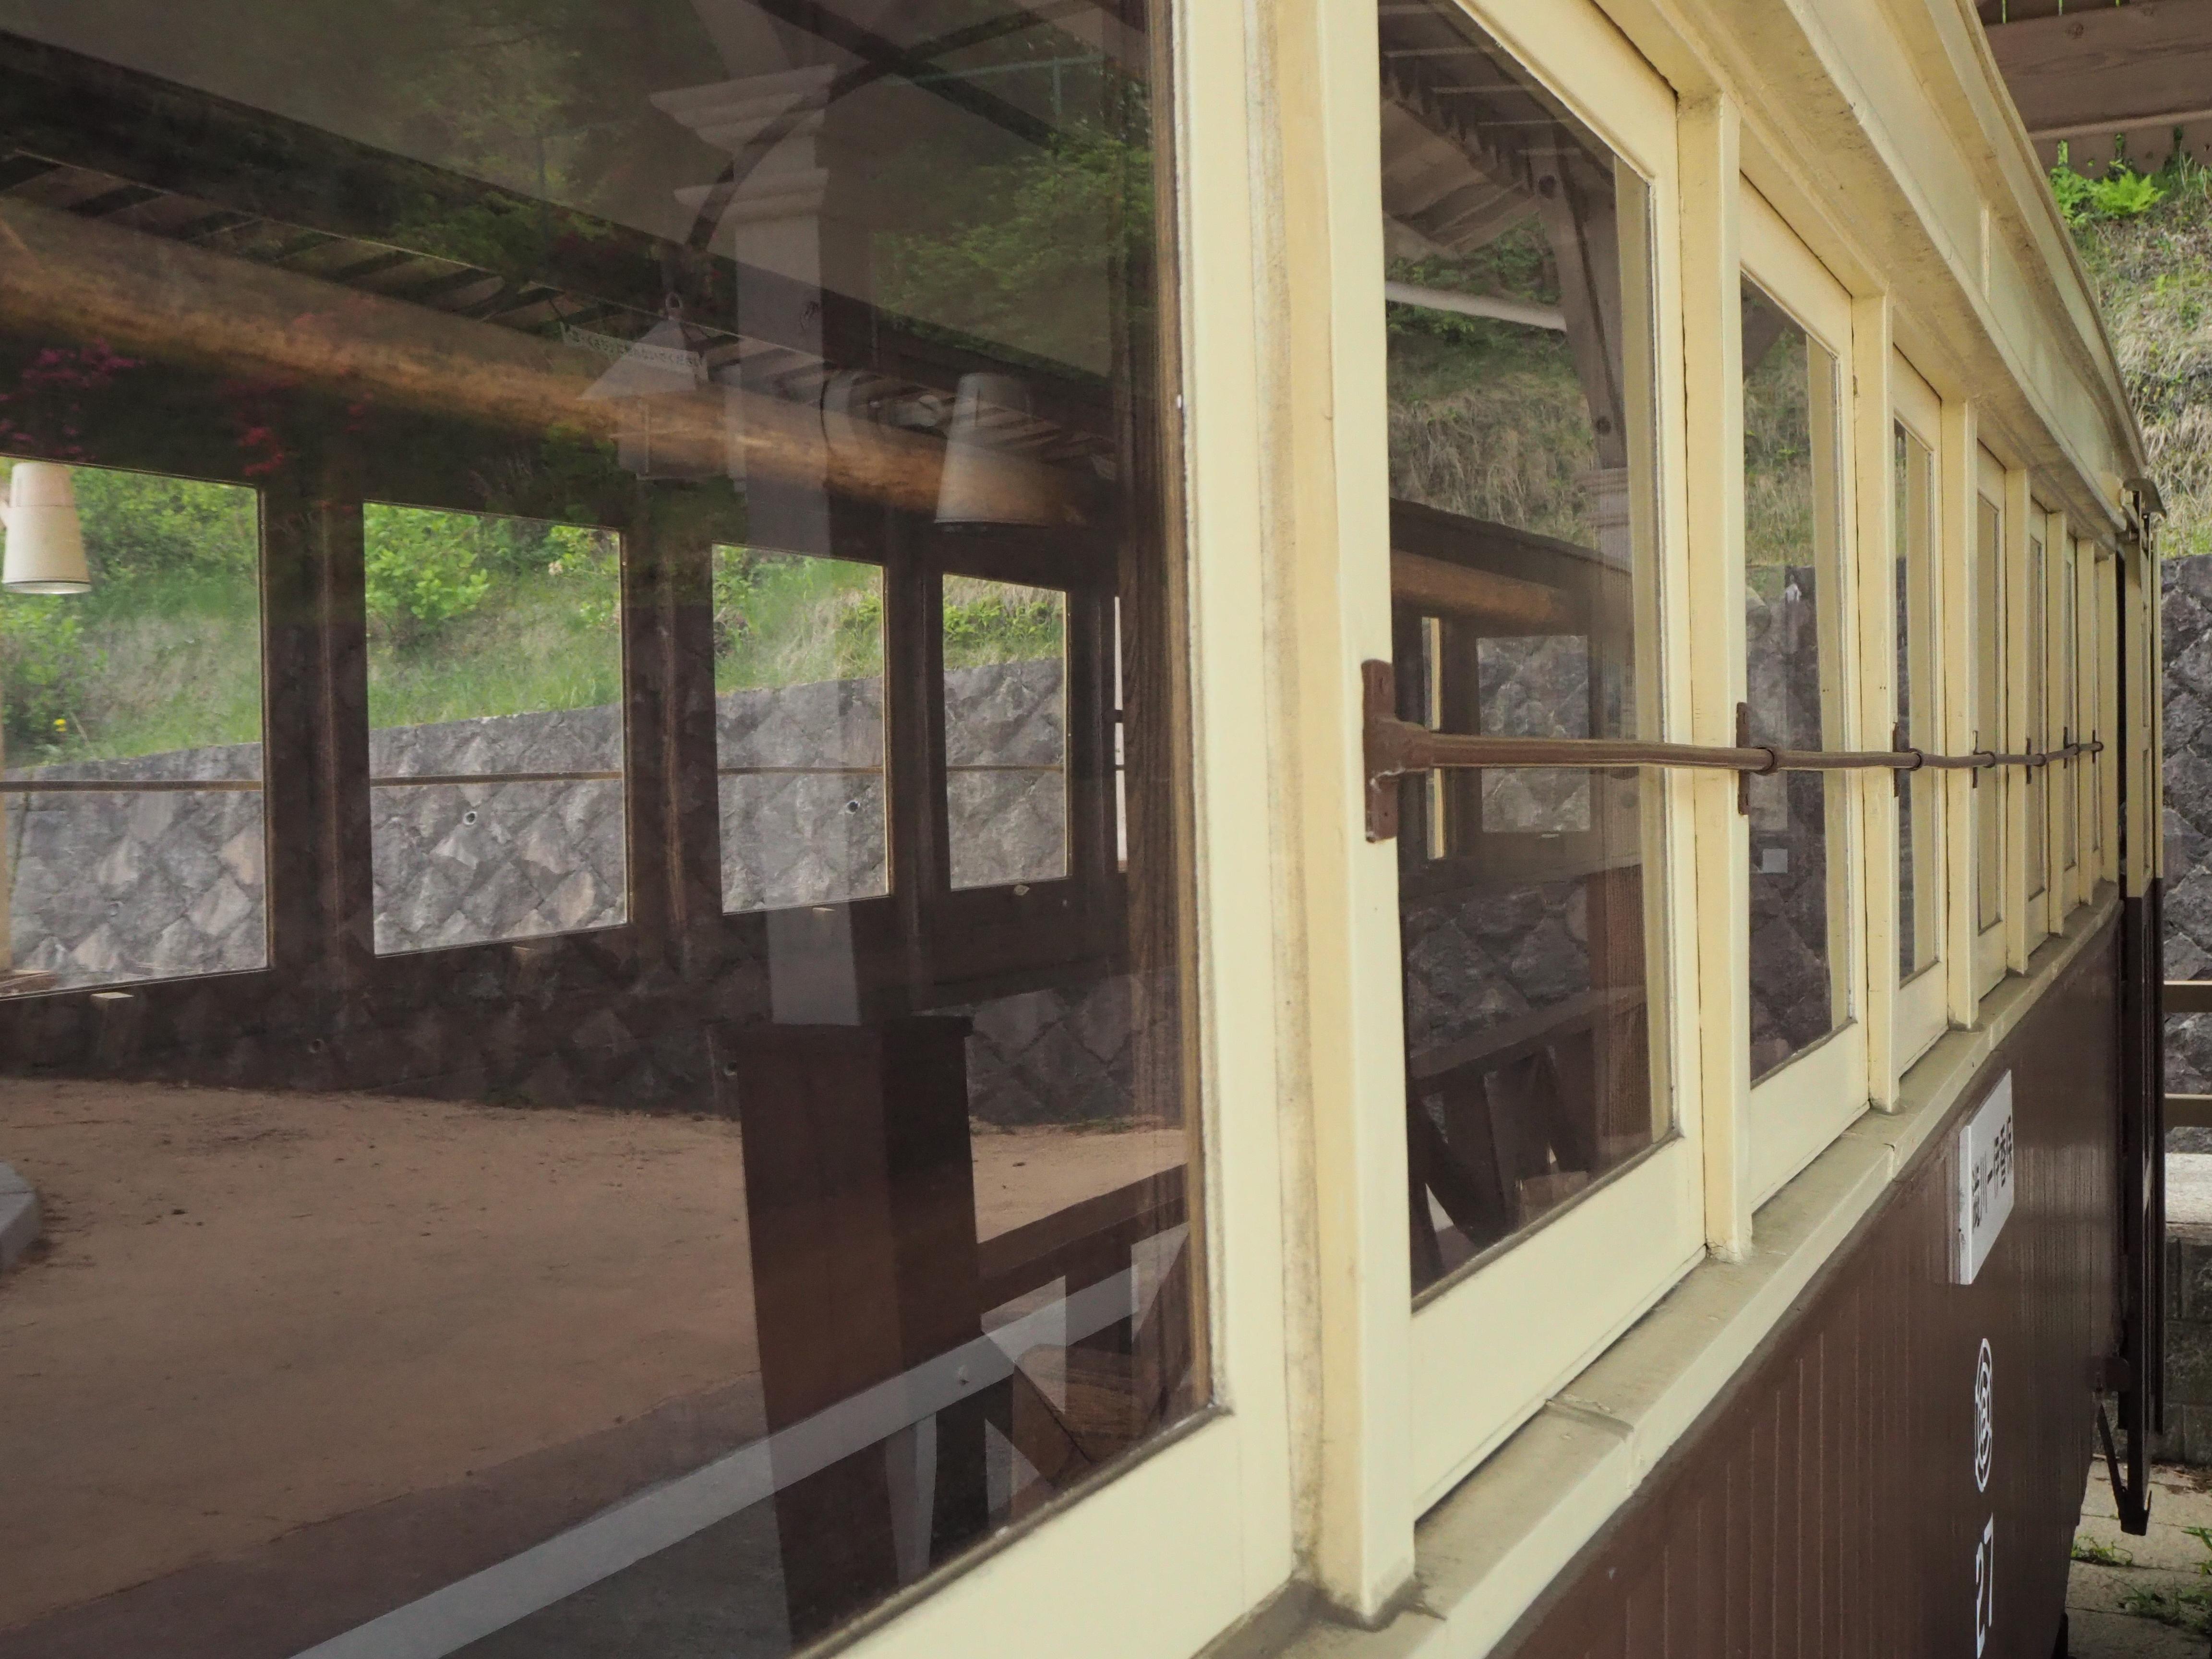 チンチン電車 窓